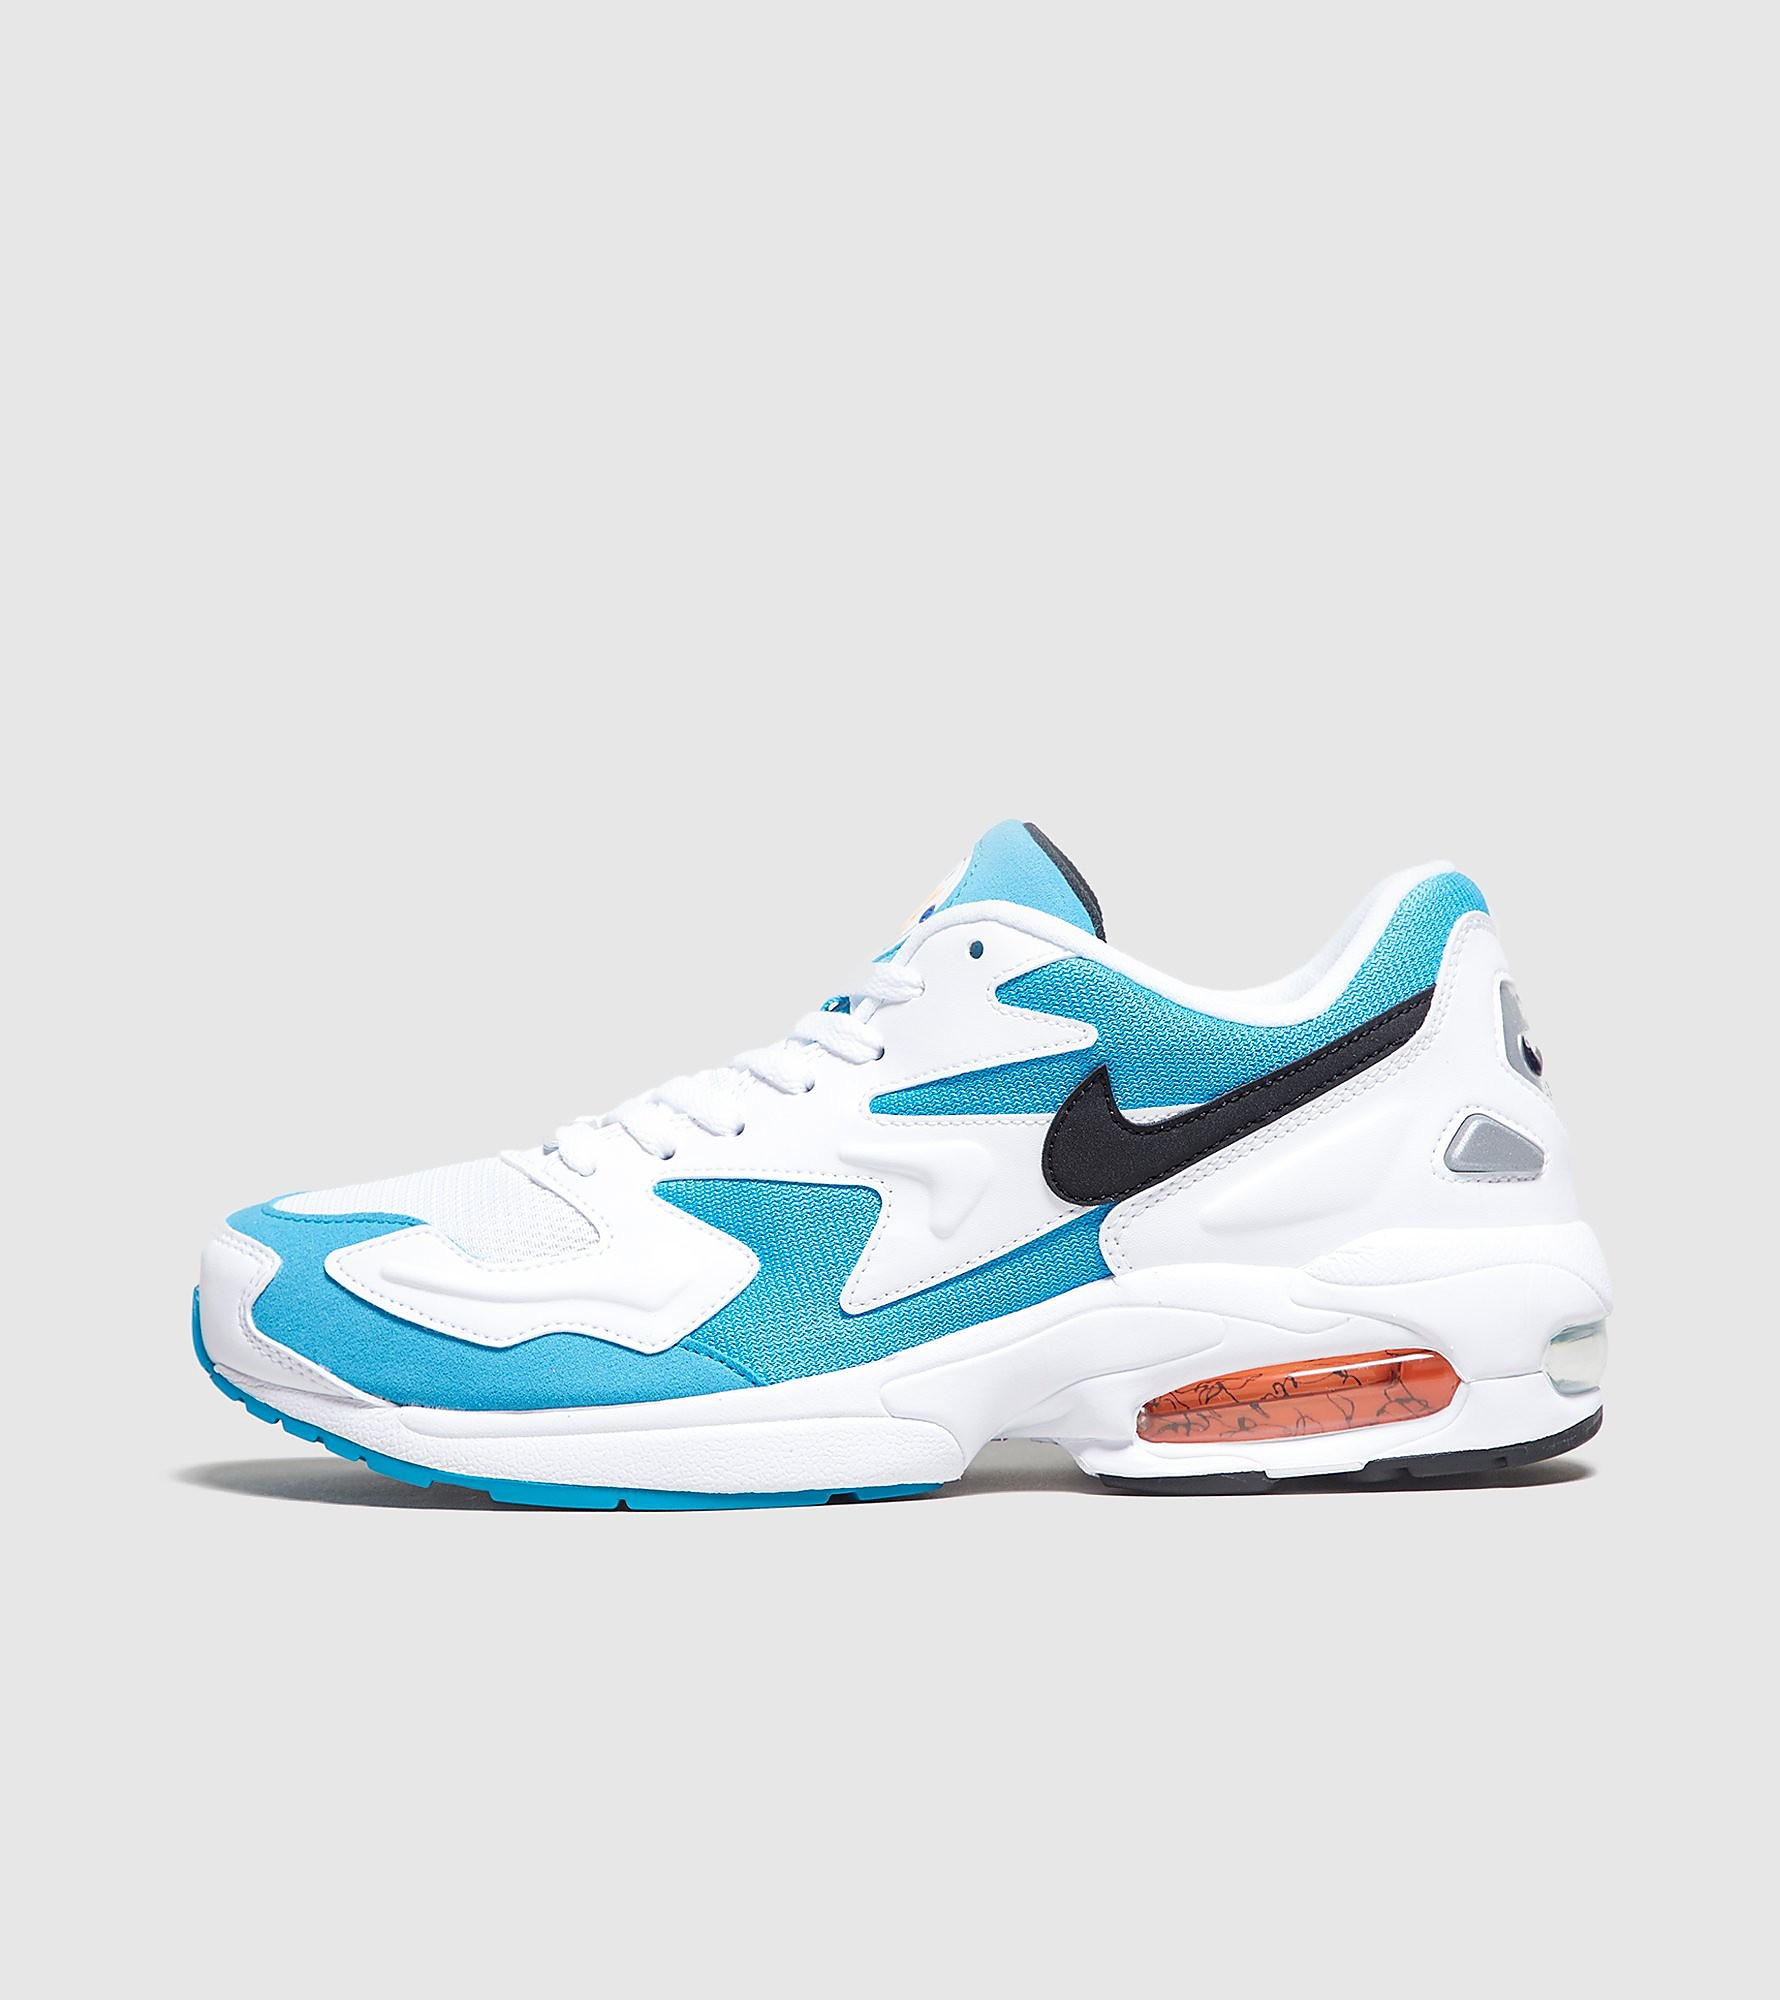 Nike Air Max2 Light, Blue